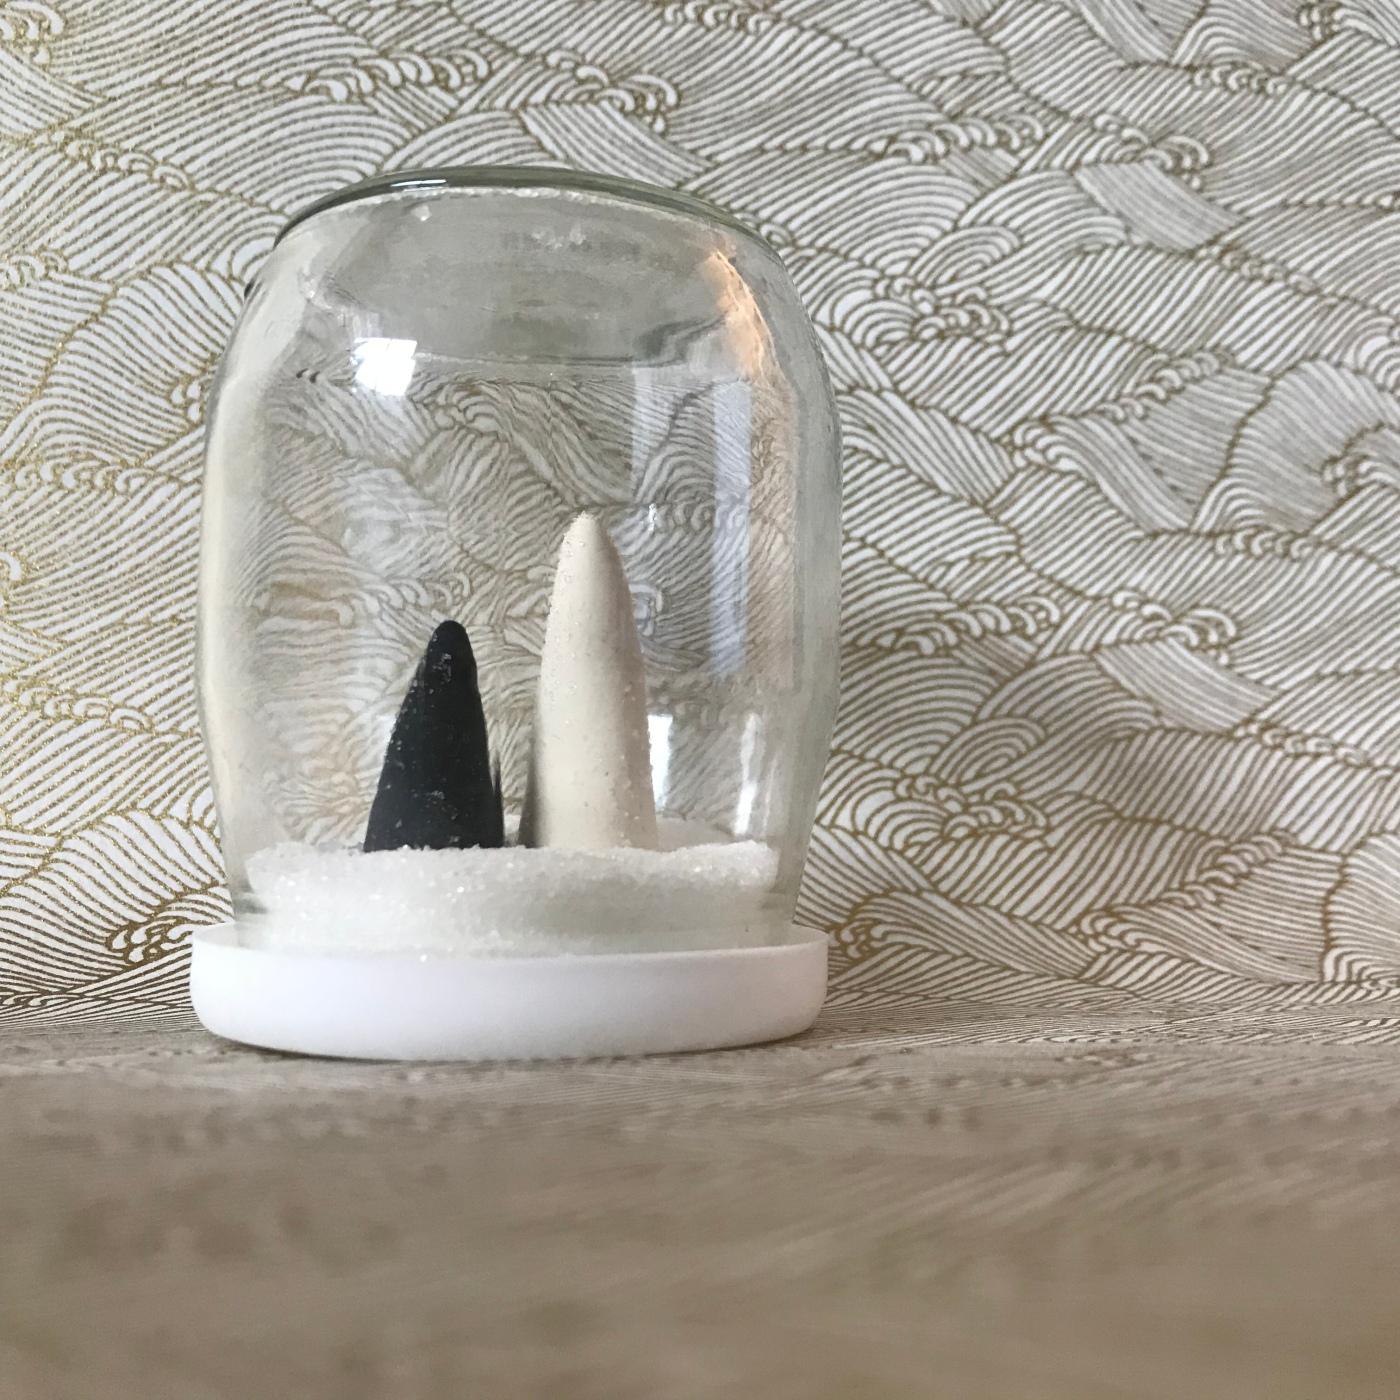 Petit décor d'hiver en noir et blanc - boule à neige -DIY - bricolage enfant - craft for kids - pot de yaourt - recyclage -pâte autodurcissante - Image à la une